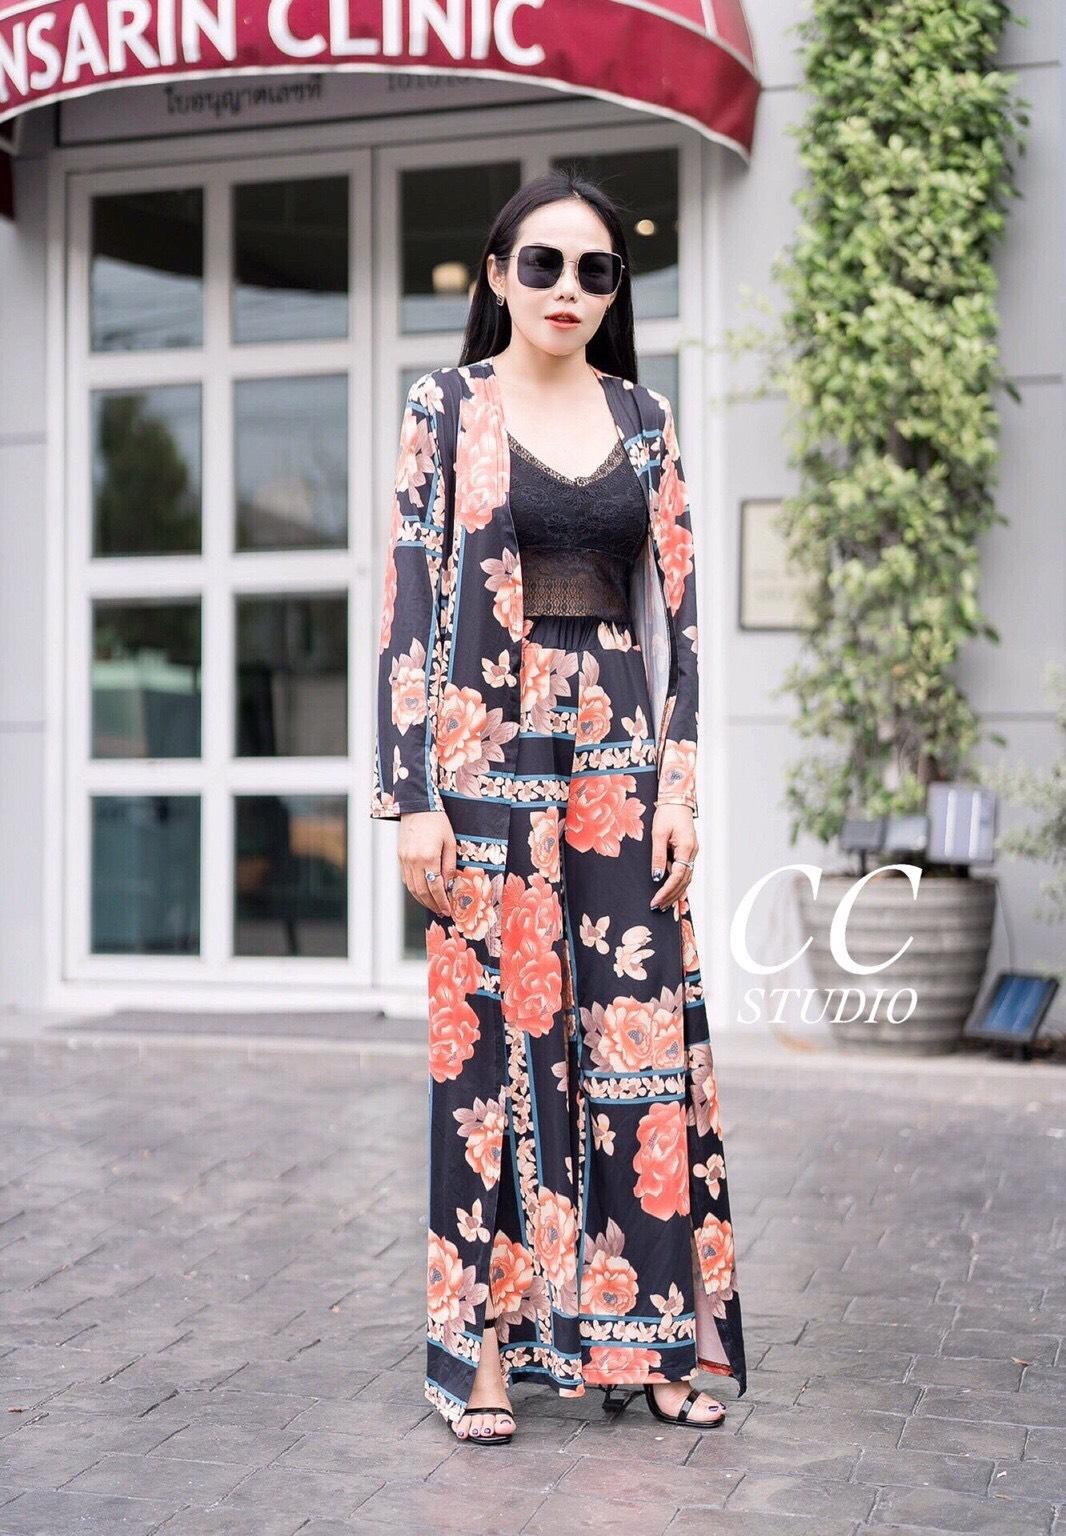 ชุดเซทแฟชั่น Set 3 ชิ้น เสื้อคลุมตัวยาว พริ้นลายดอก สีสันสดใส